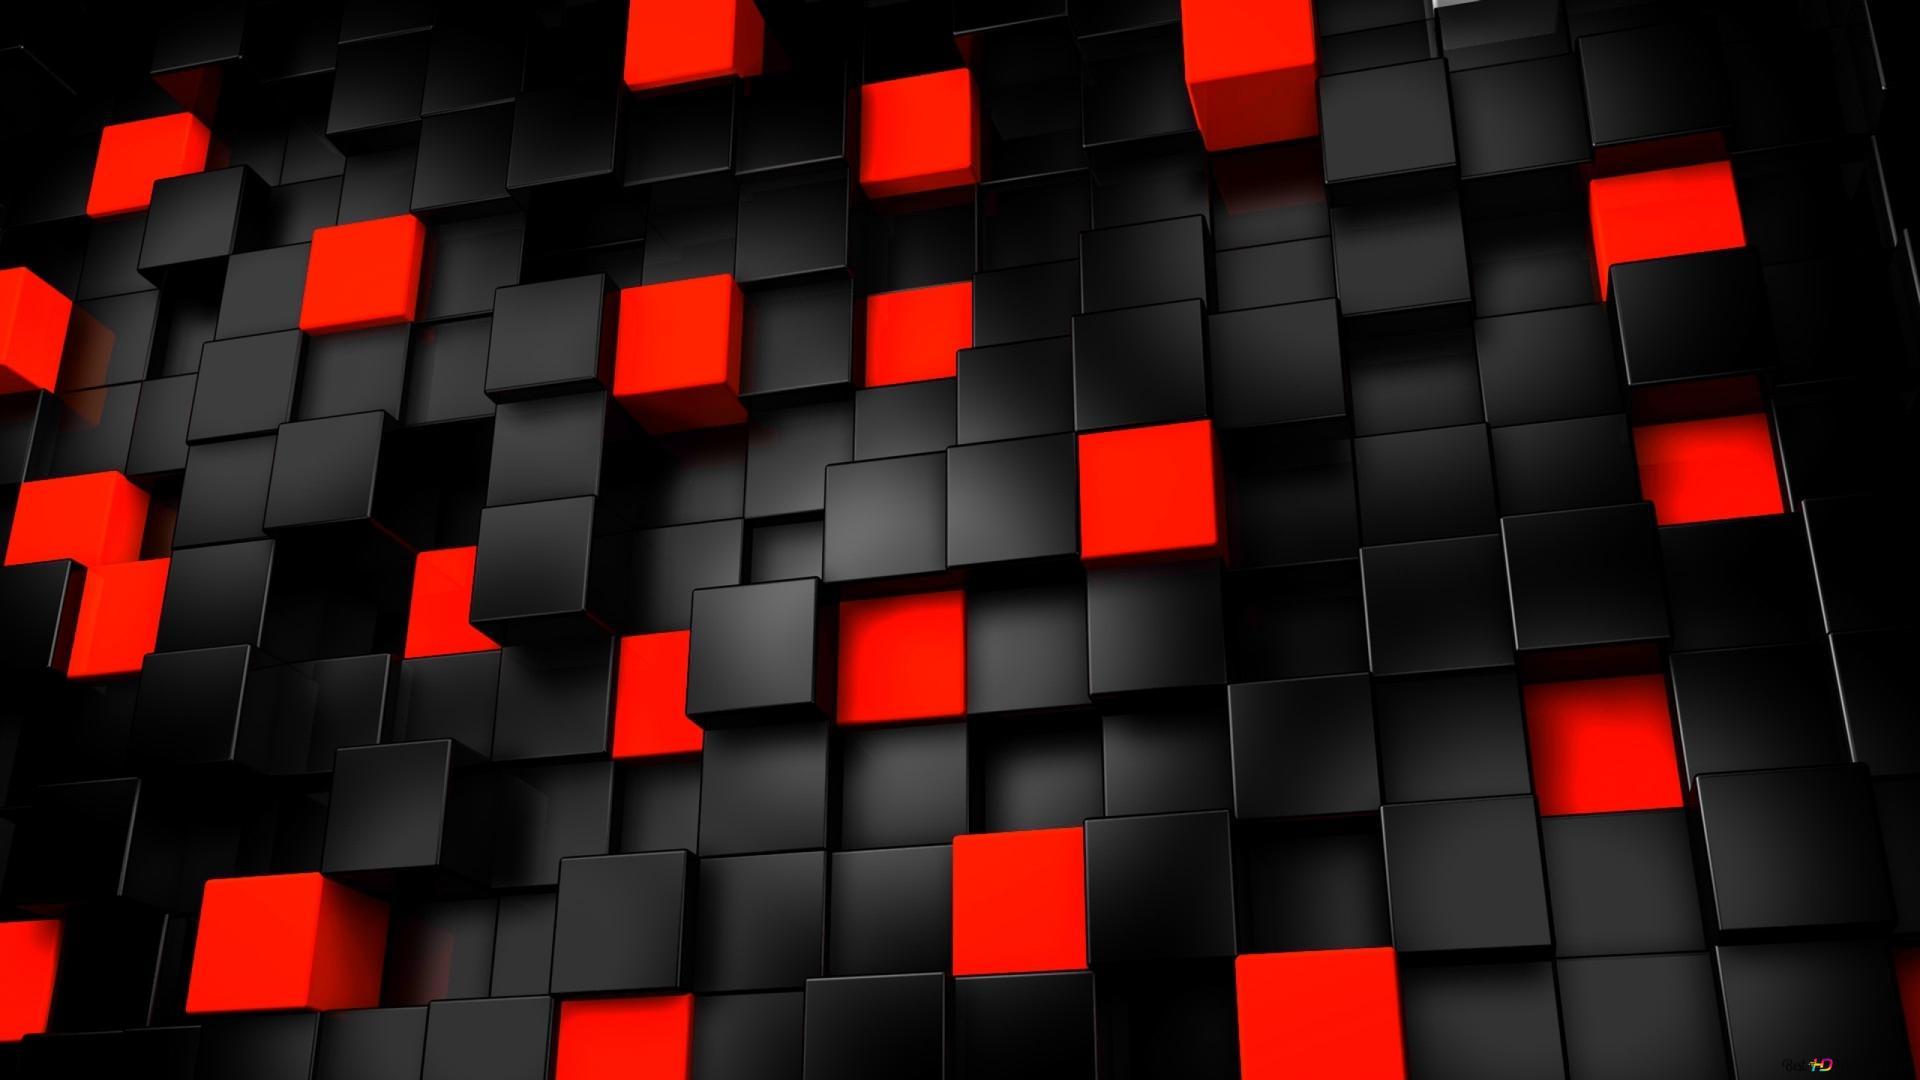 黒と赤の立方体 Hd壁紙のダウンロード